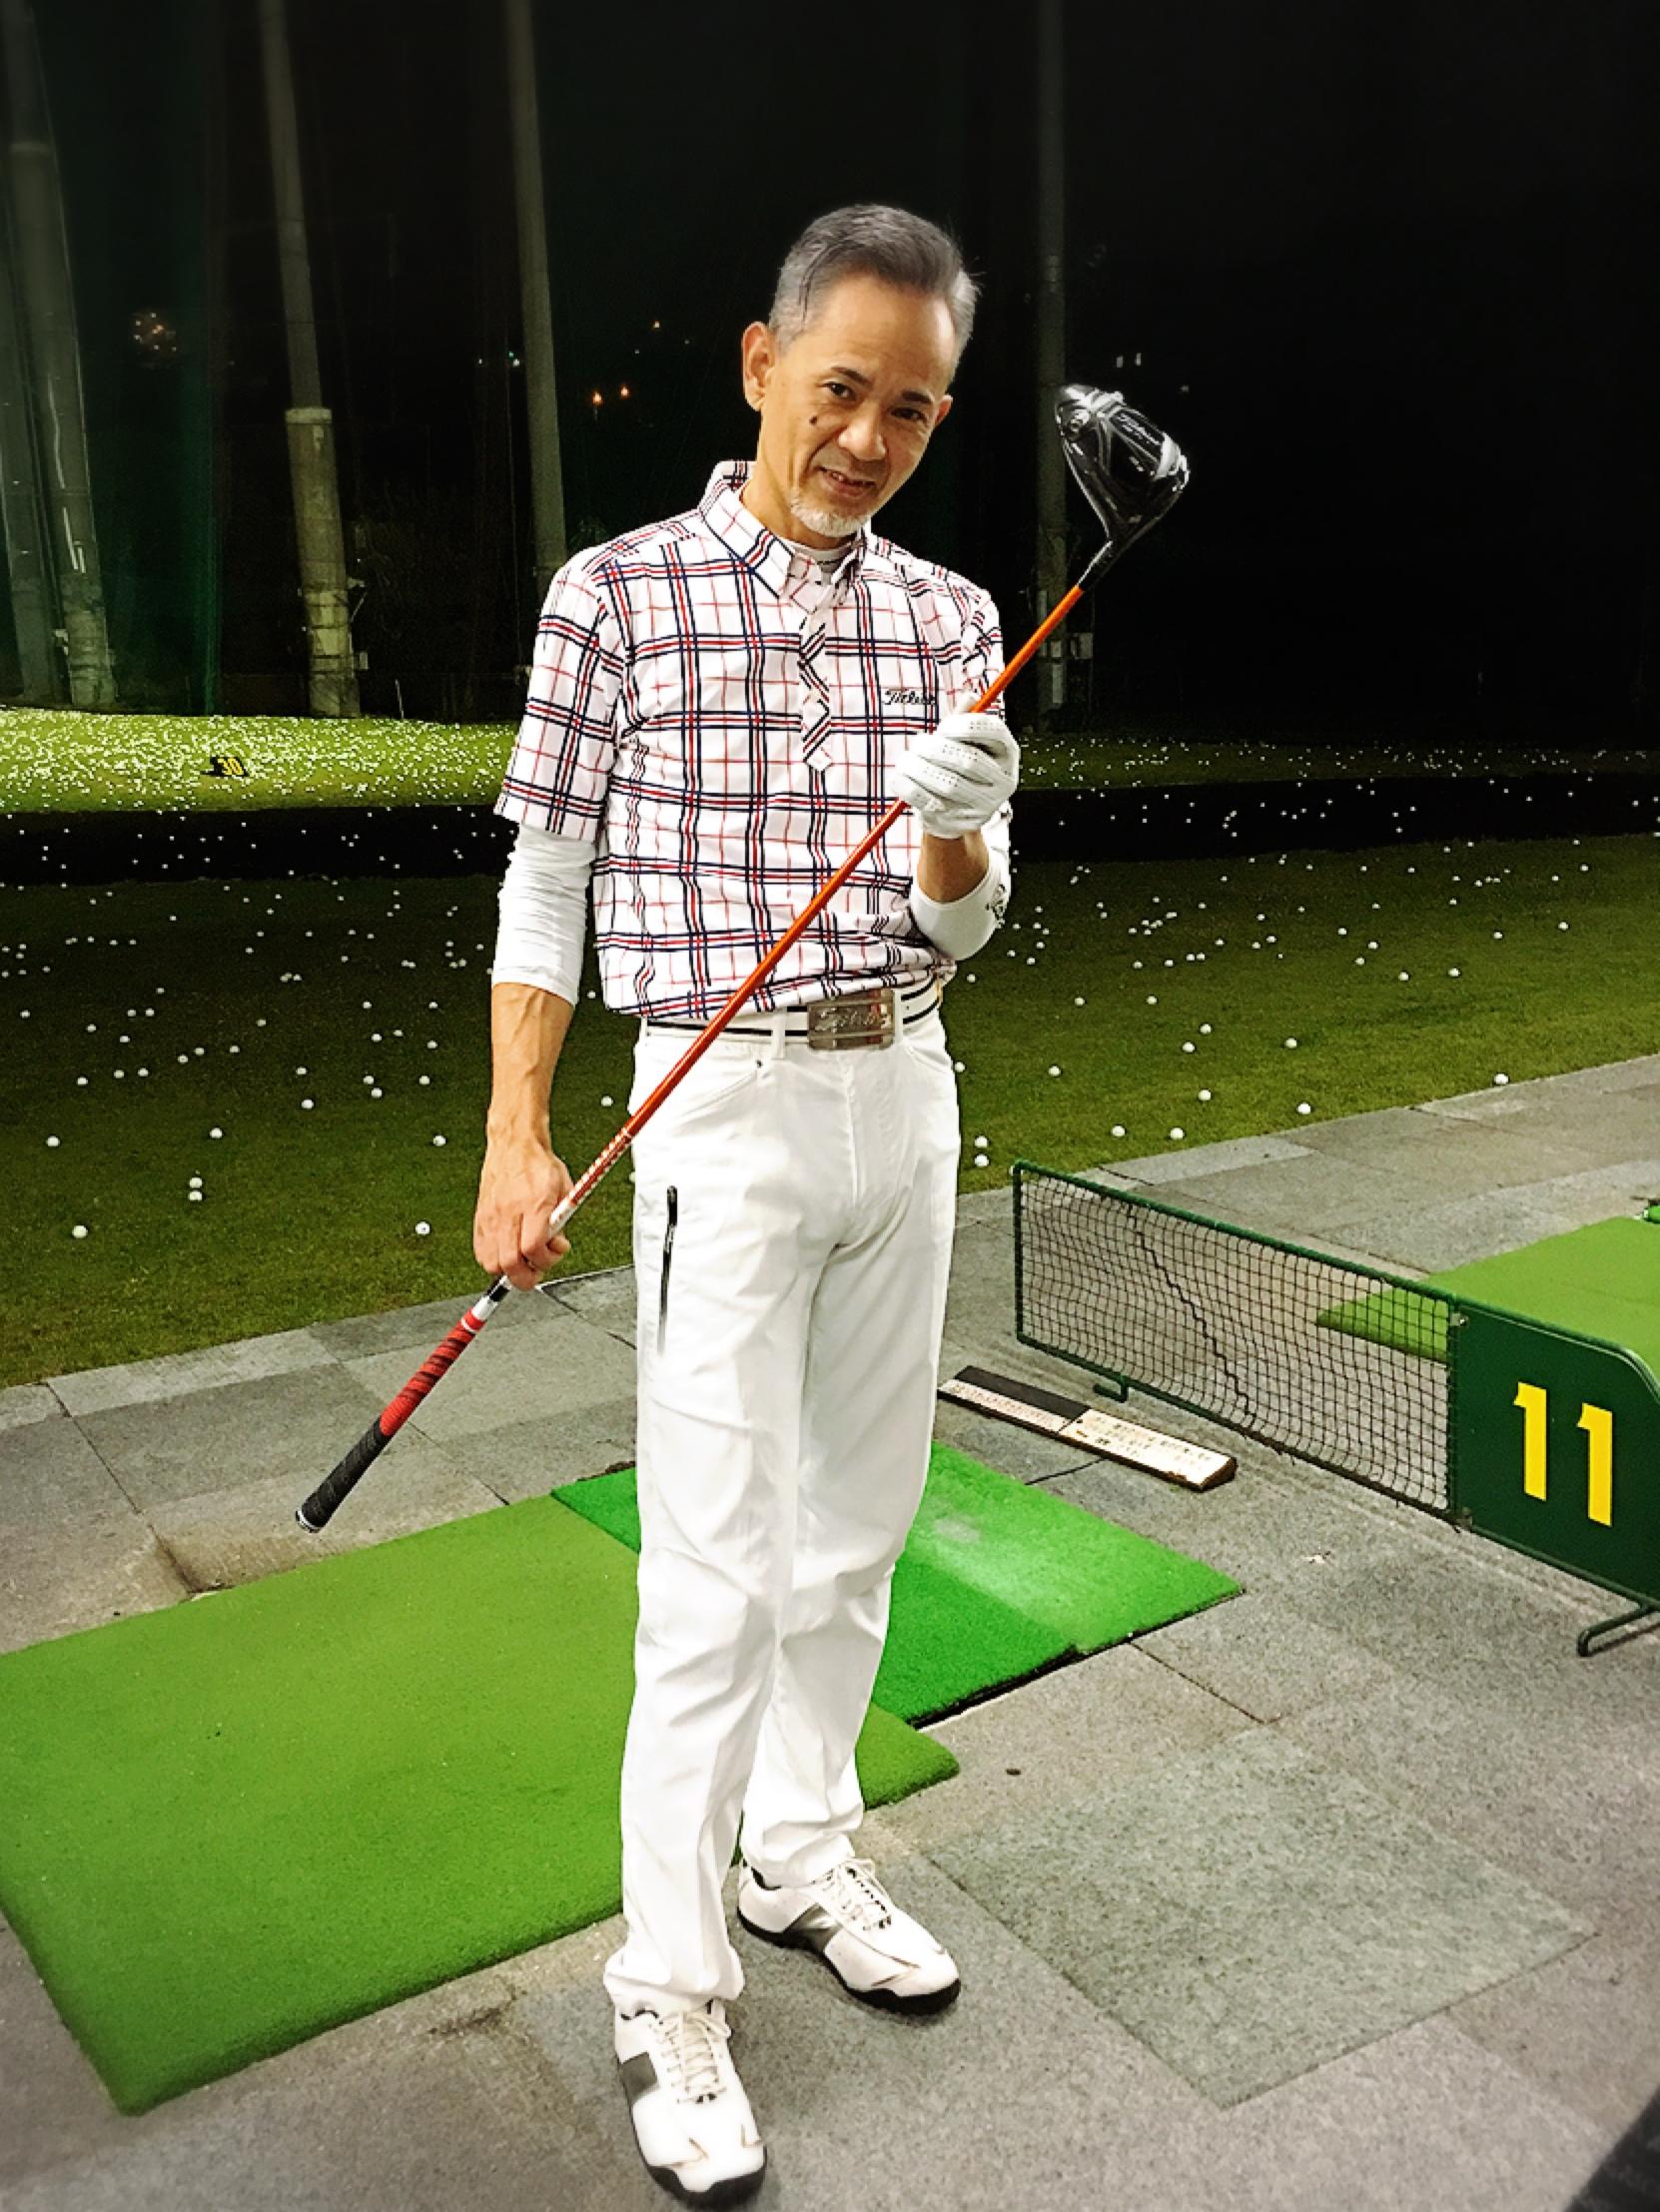 最幸の笑顔 笑いが、、、止まらない 己を知り  自分の身体を感じ  クラブを感じる こだわるだけ  こだわるのは 自分とのフィーリングを大切にしているから 感じら世界がどれだけ凄いことかを 自ら体現してくれる先生 打ってひとこと チビラシィ✨✨?美しい ゴルフを愛してやまない先生の初ゴルフレッスン⛳️